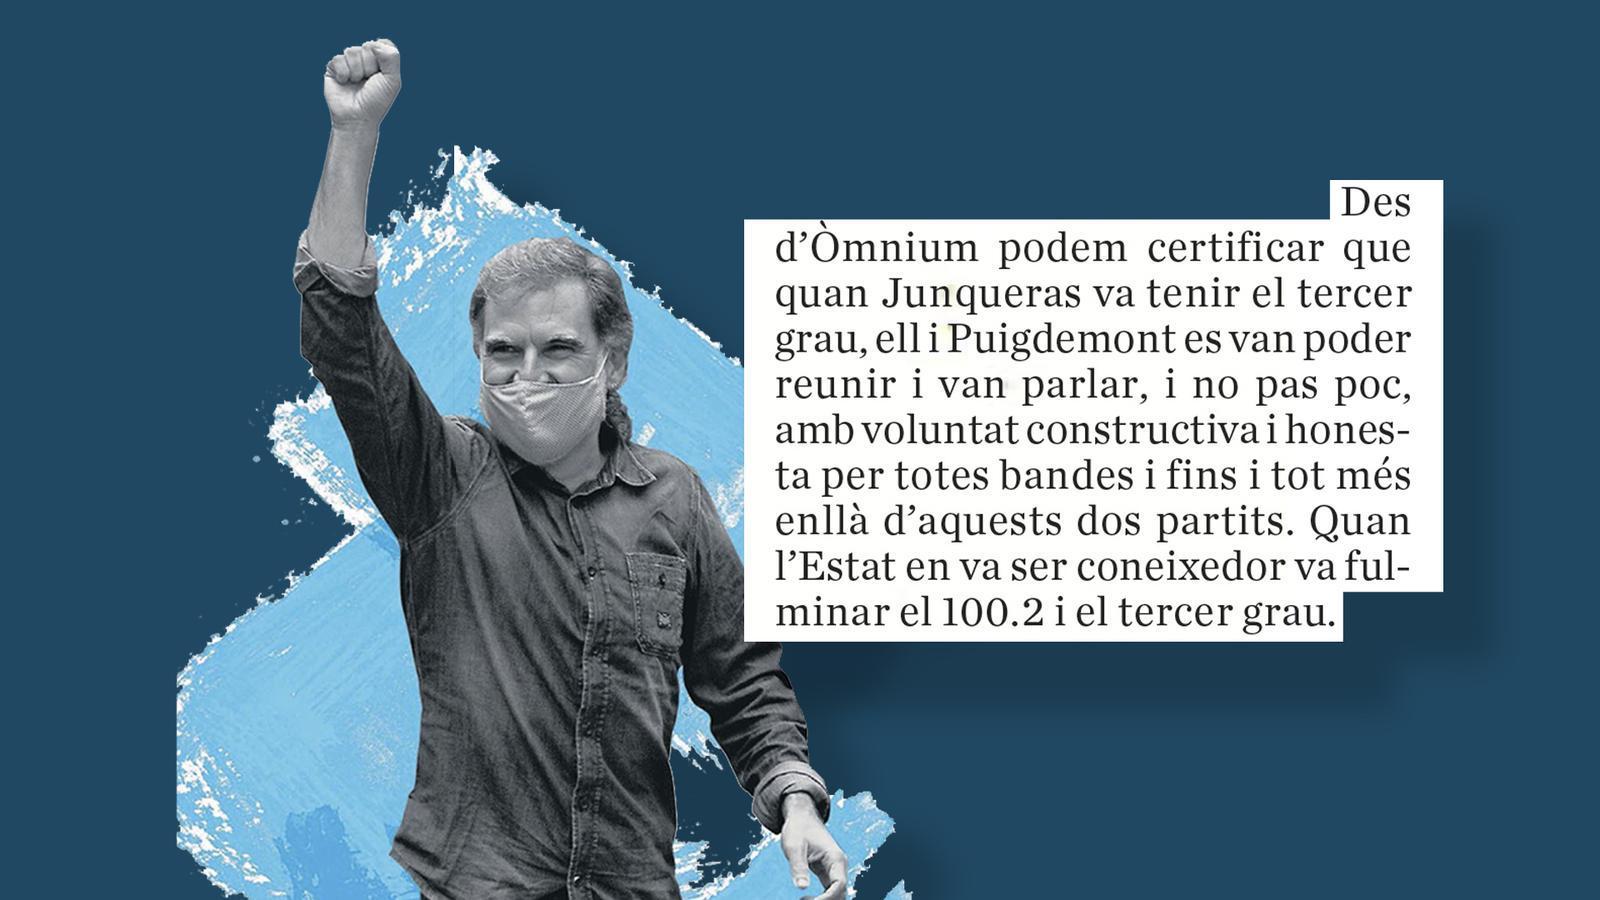 L'anàlisi d'Antoni Bassas: 'Cuixart i la defensa dels drets'